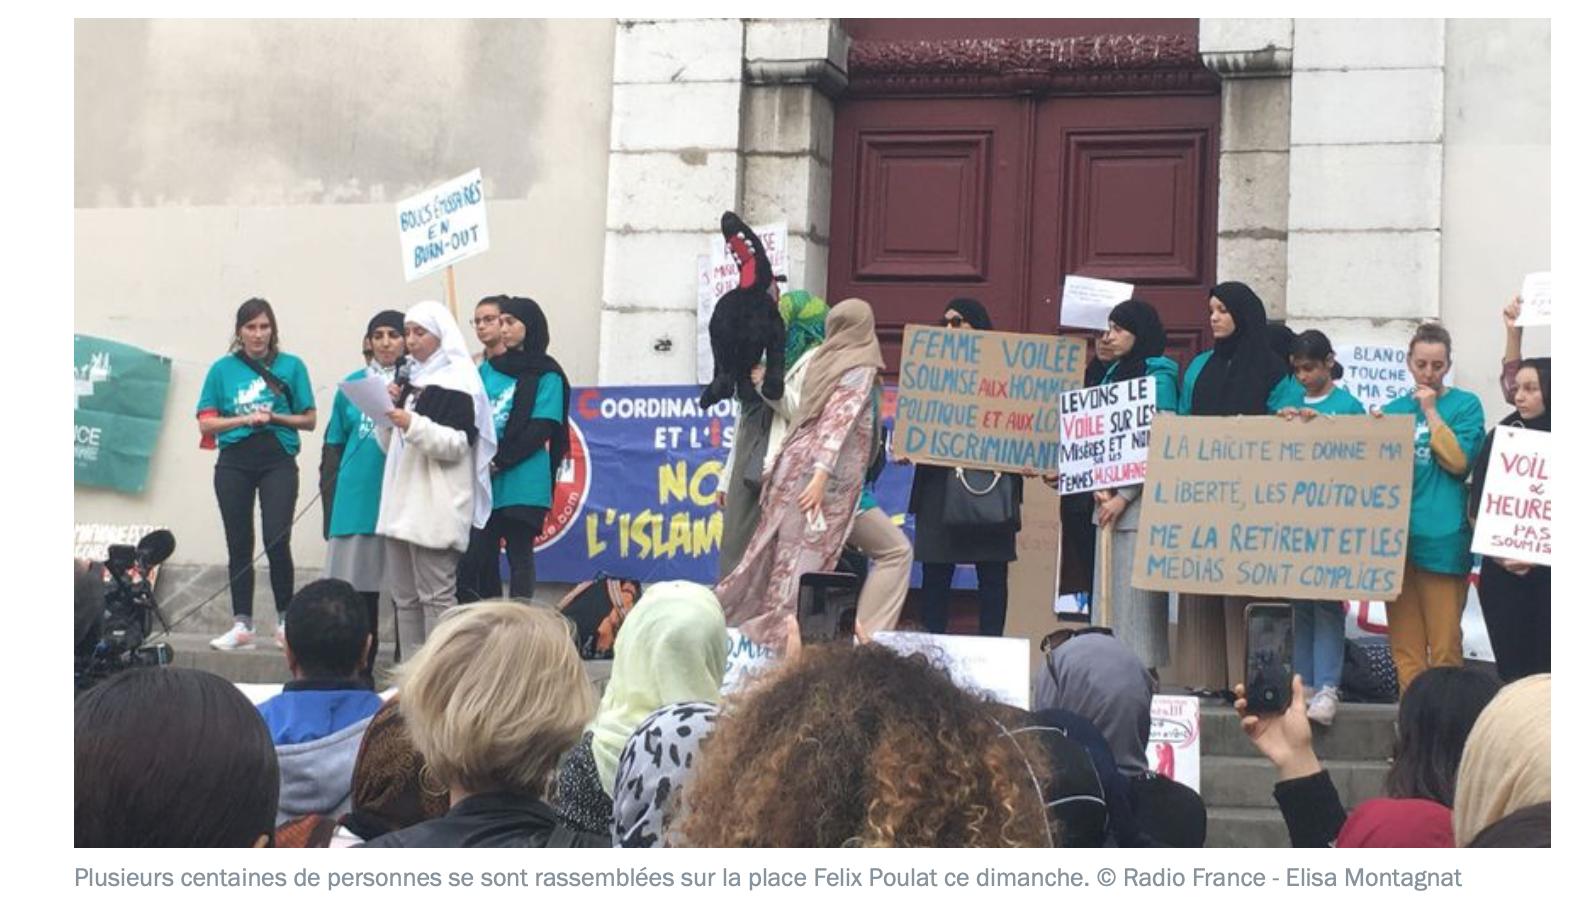 Grenoble : admirez comme ce rassemblement contre l'islamophobie est naturel, spontané…